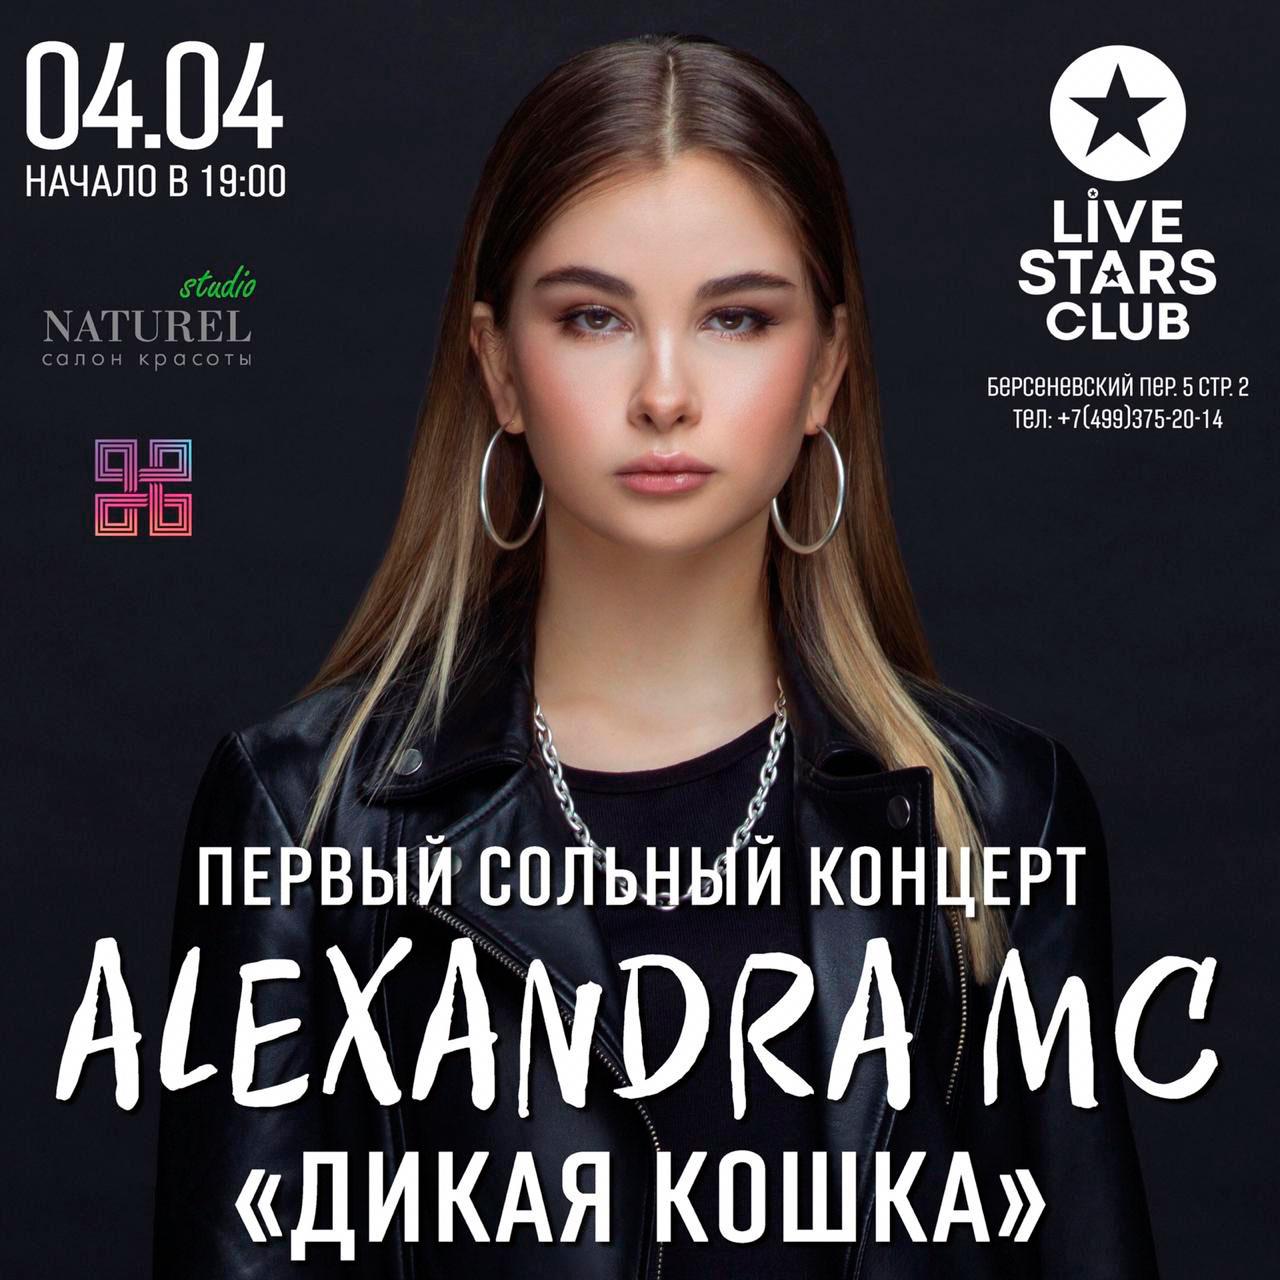 4 апреля состоится первый сольный концерт ALEXANDRA